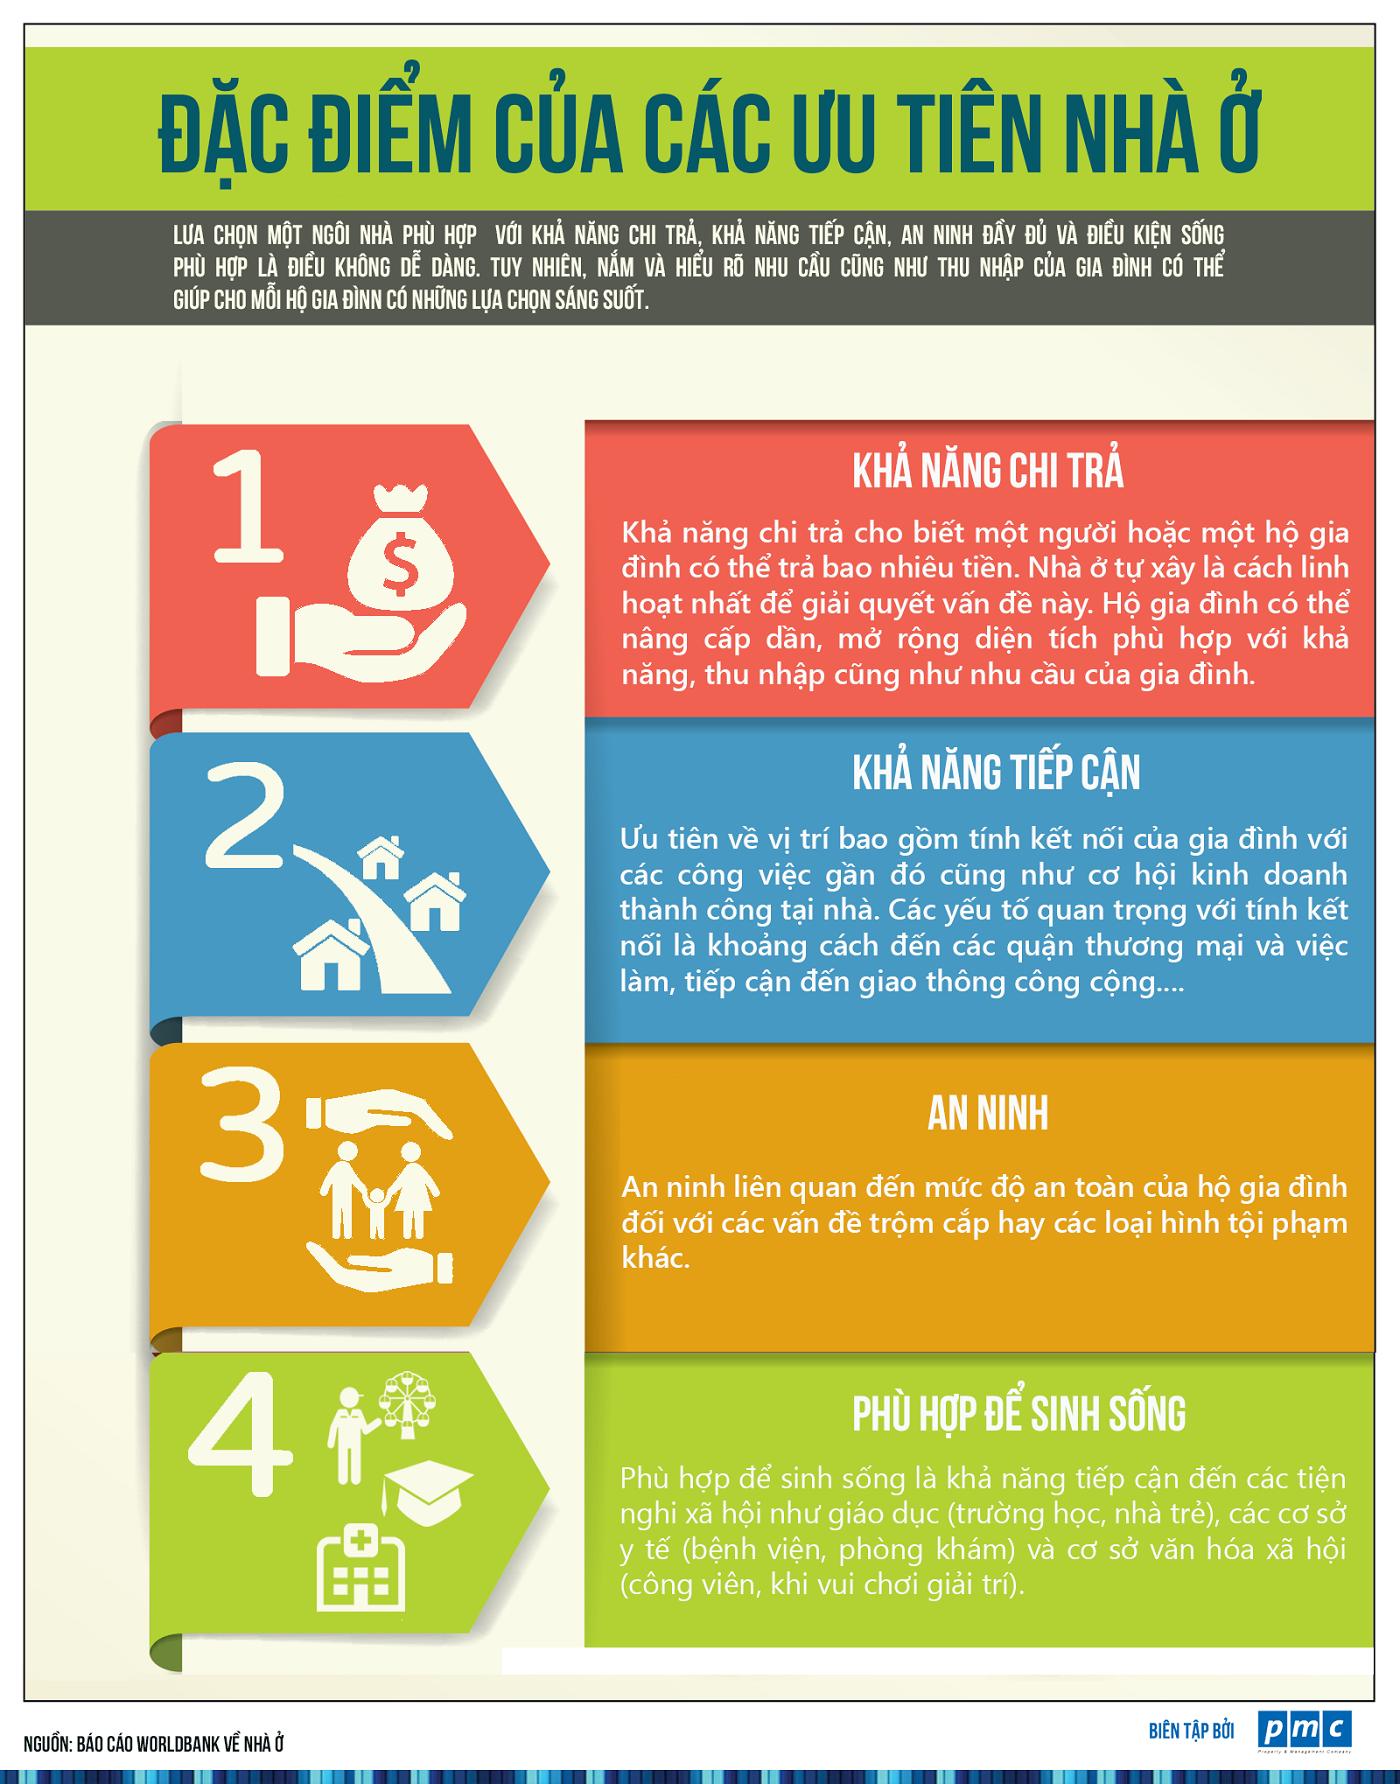 Đặc điểm của các ưu tiên nhà ở [Infographic]